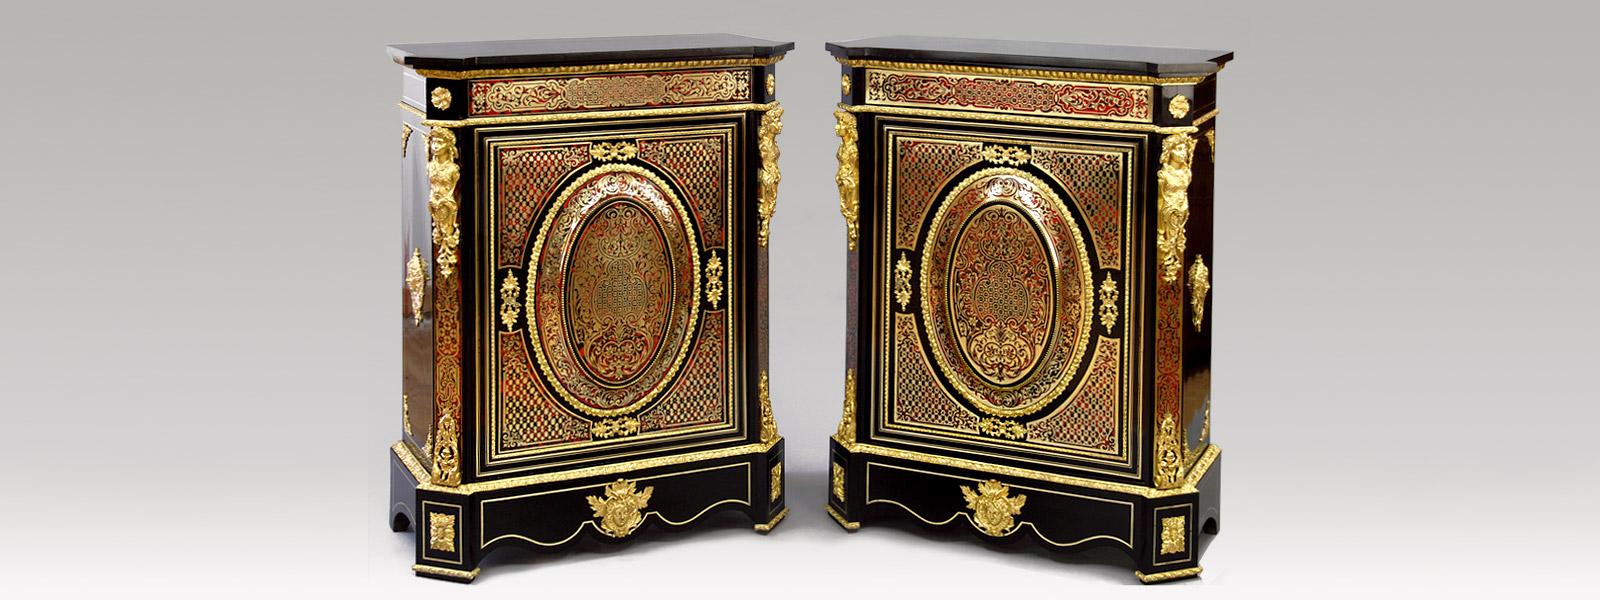 Eb niste restaurateur de meubles d 39 appuis napol on iii en for Meuble napoleon 3